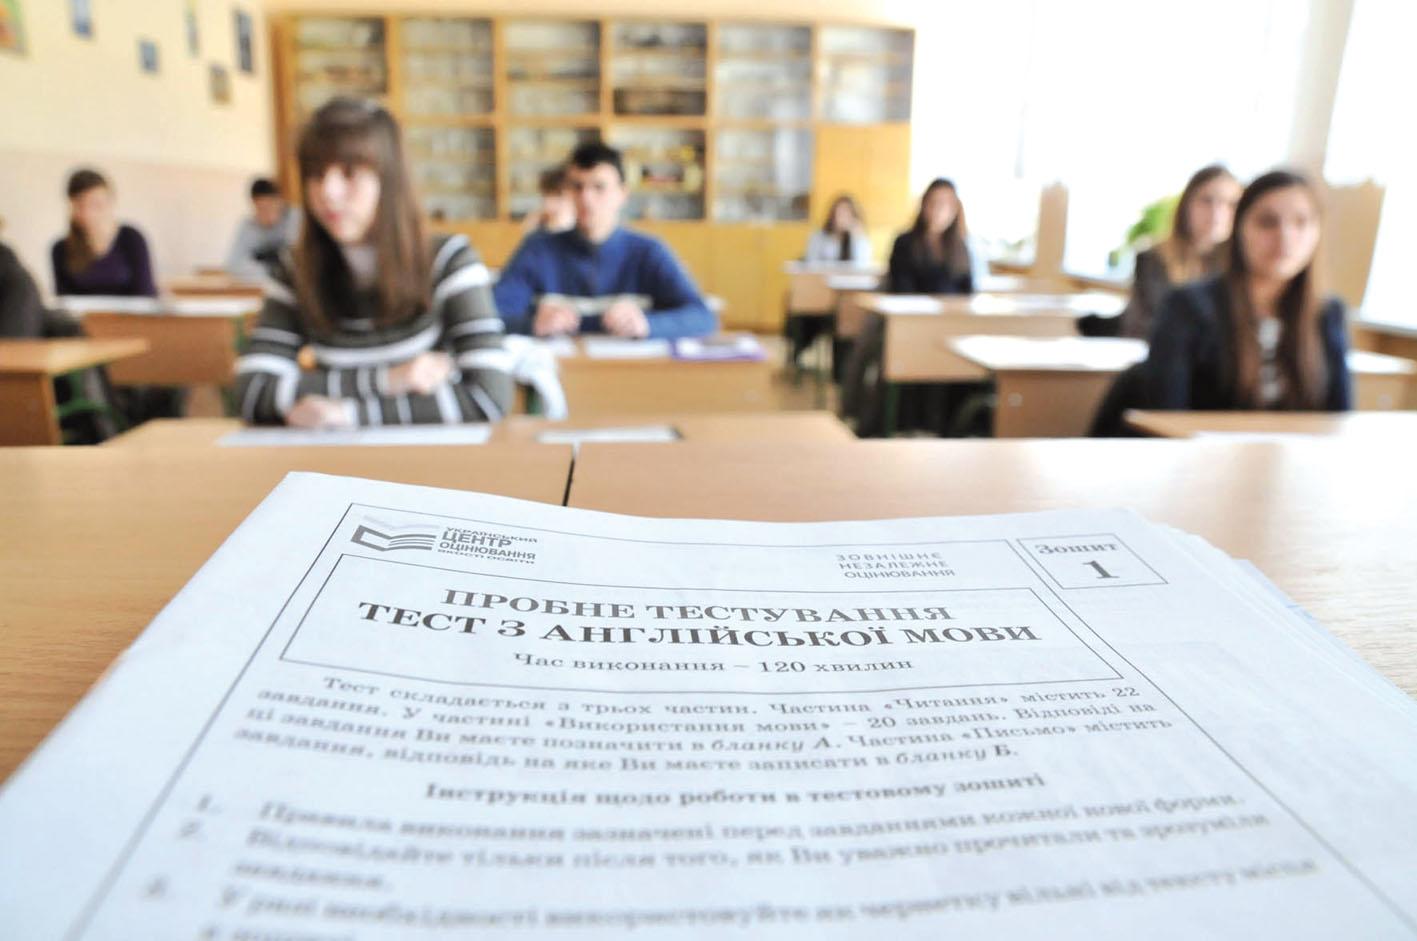 Из-за карантина выпускники херсонских школ будут сдавать пробное ВНО в апреле